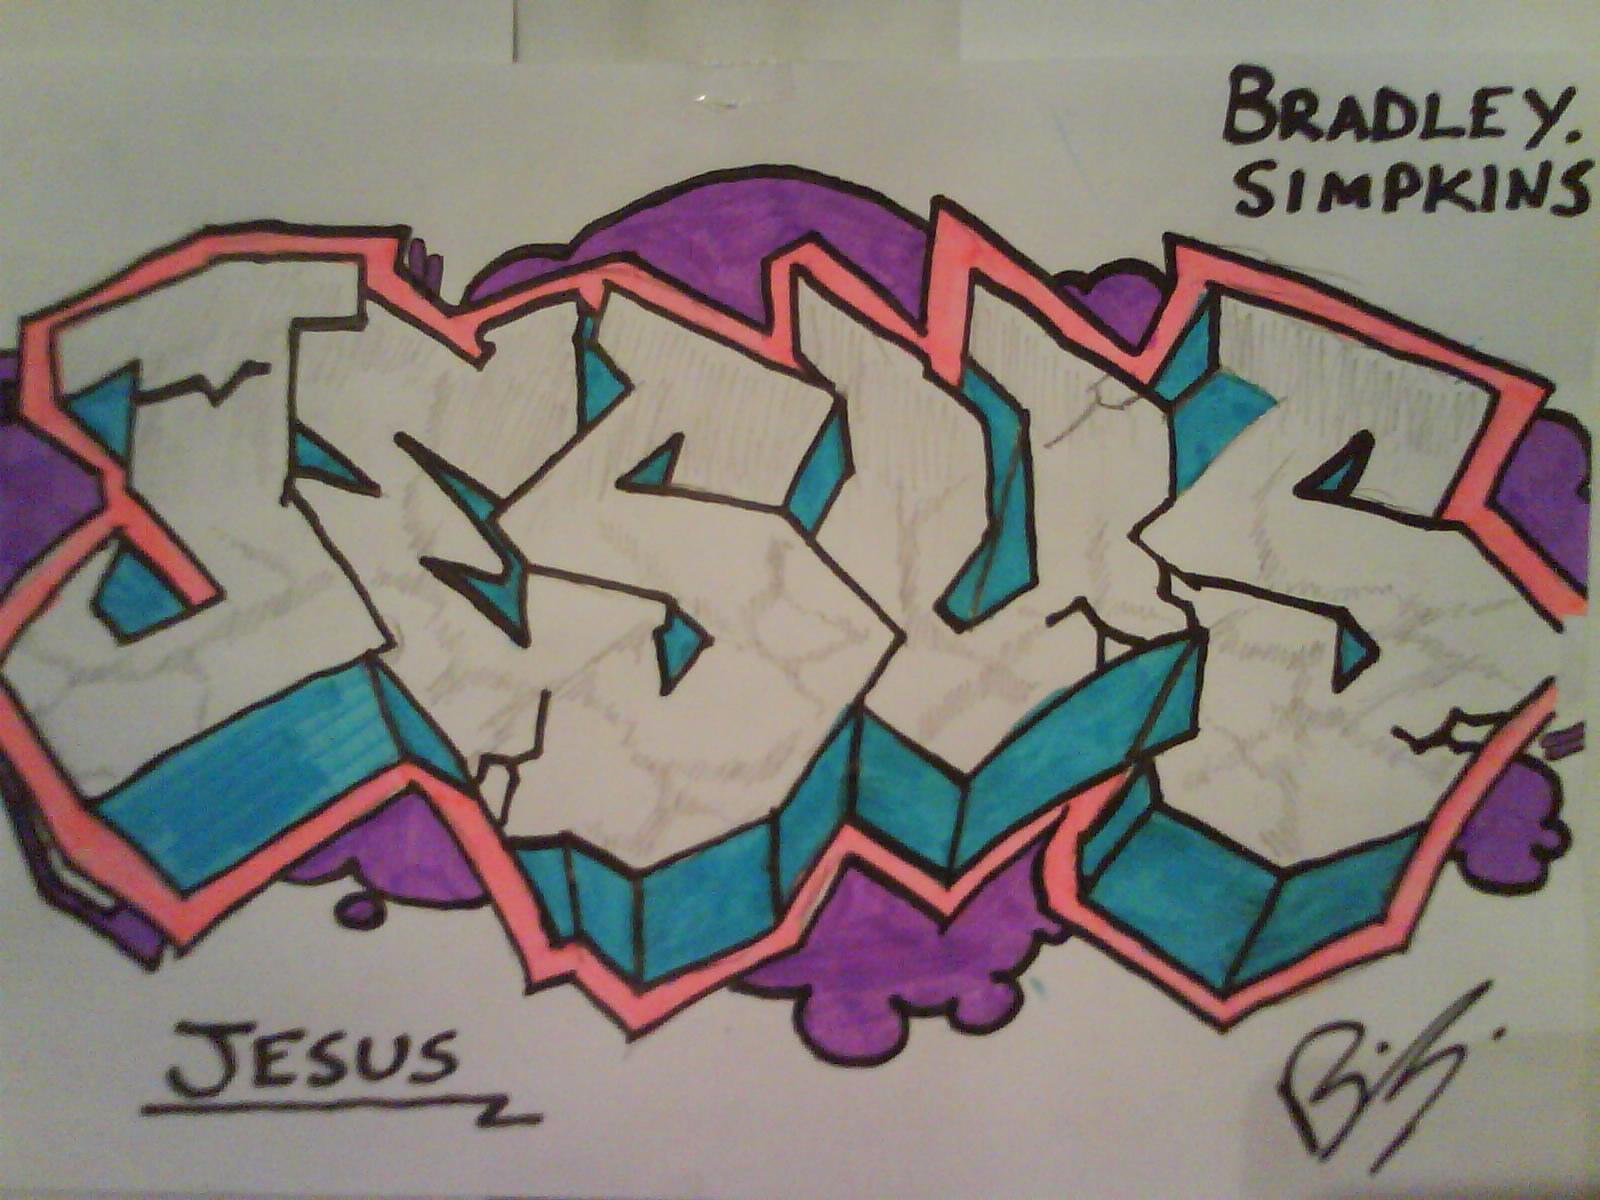 Graffiti - JESUS by Brad8550 on Newgrounds